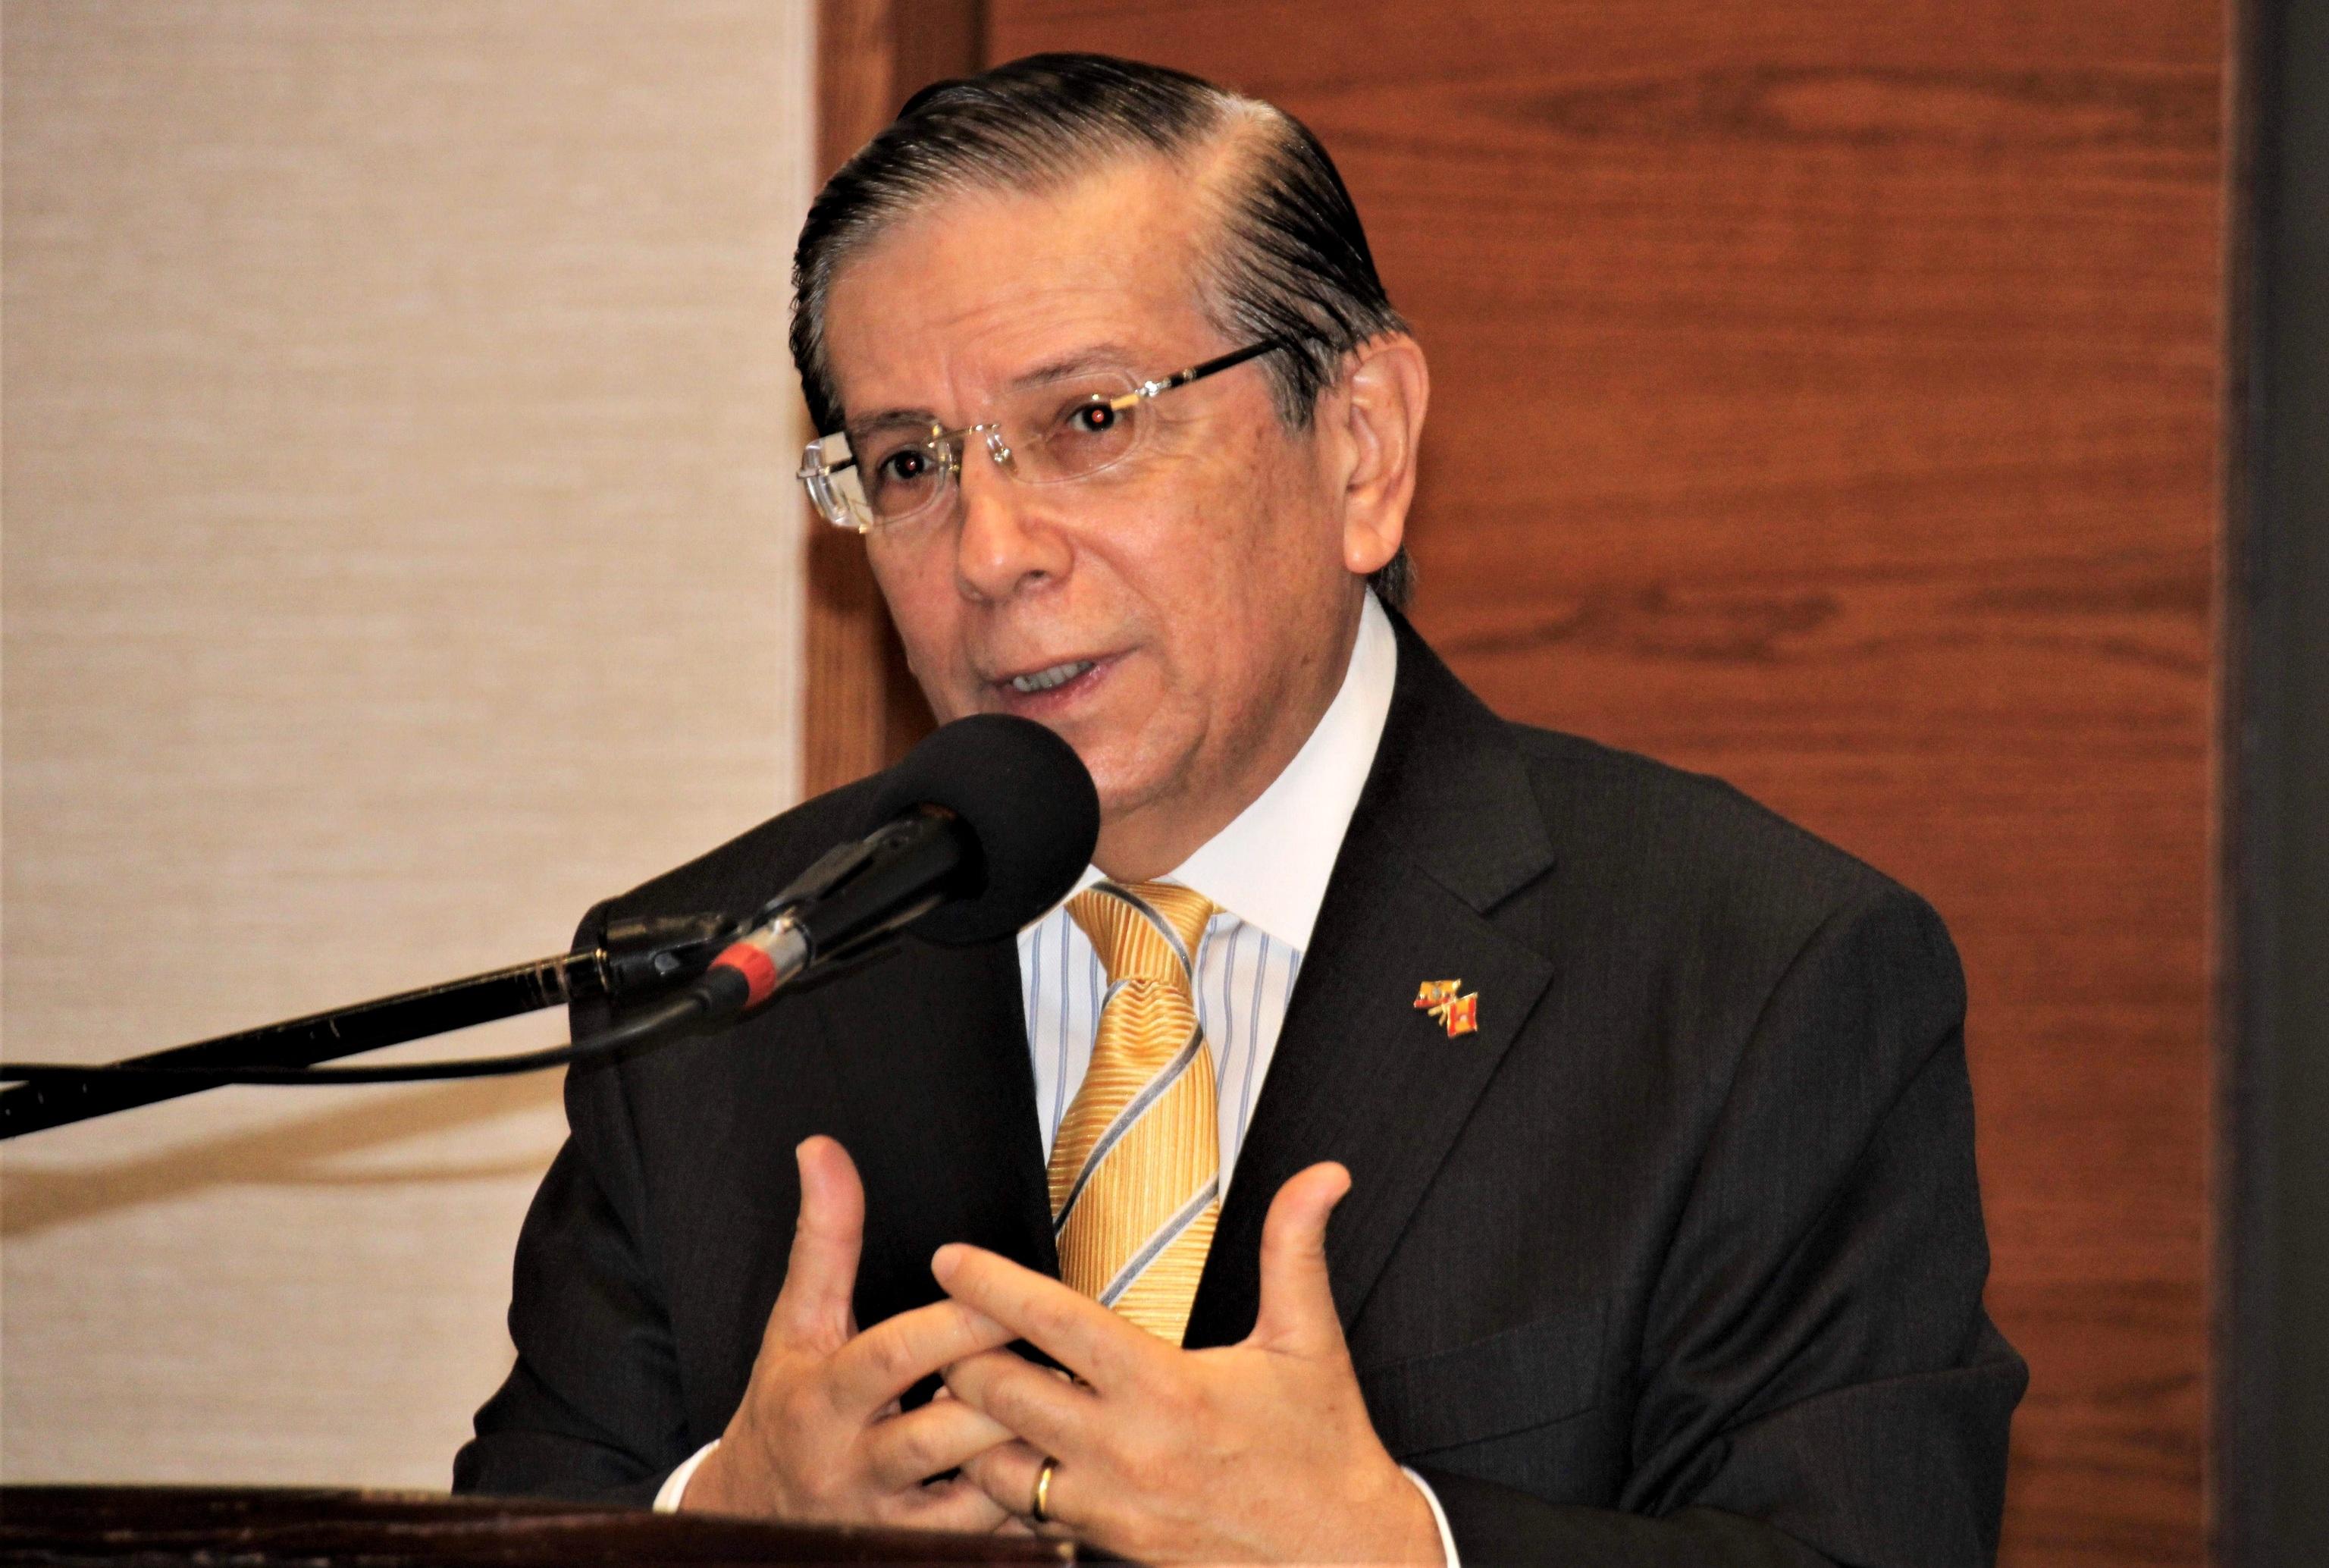 L'ancien ambassadeur de l'Equateur en Espagne